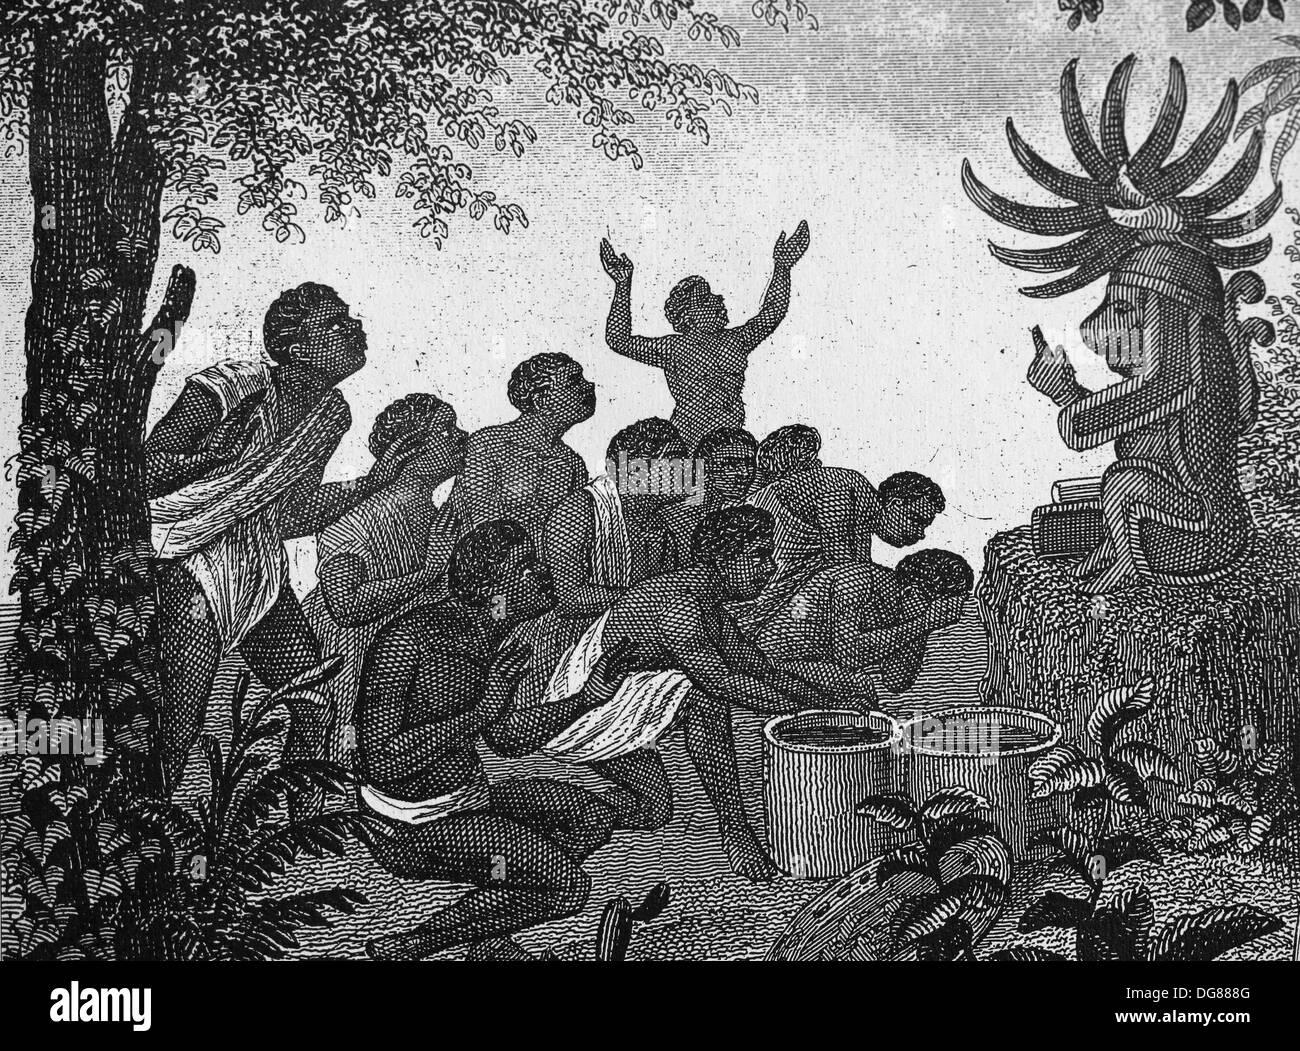 La religión. La idolatría en el África central. Imagen de culto. Grabado Imagen De Stock